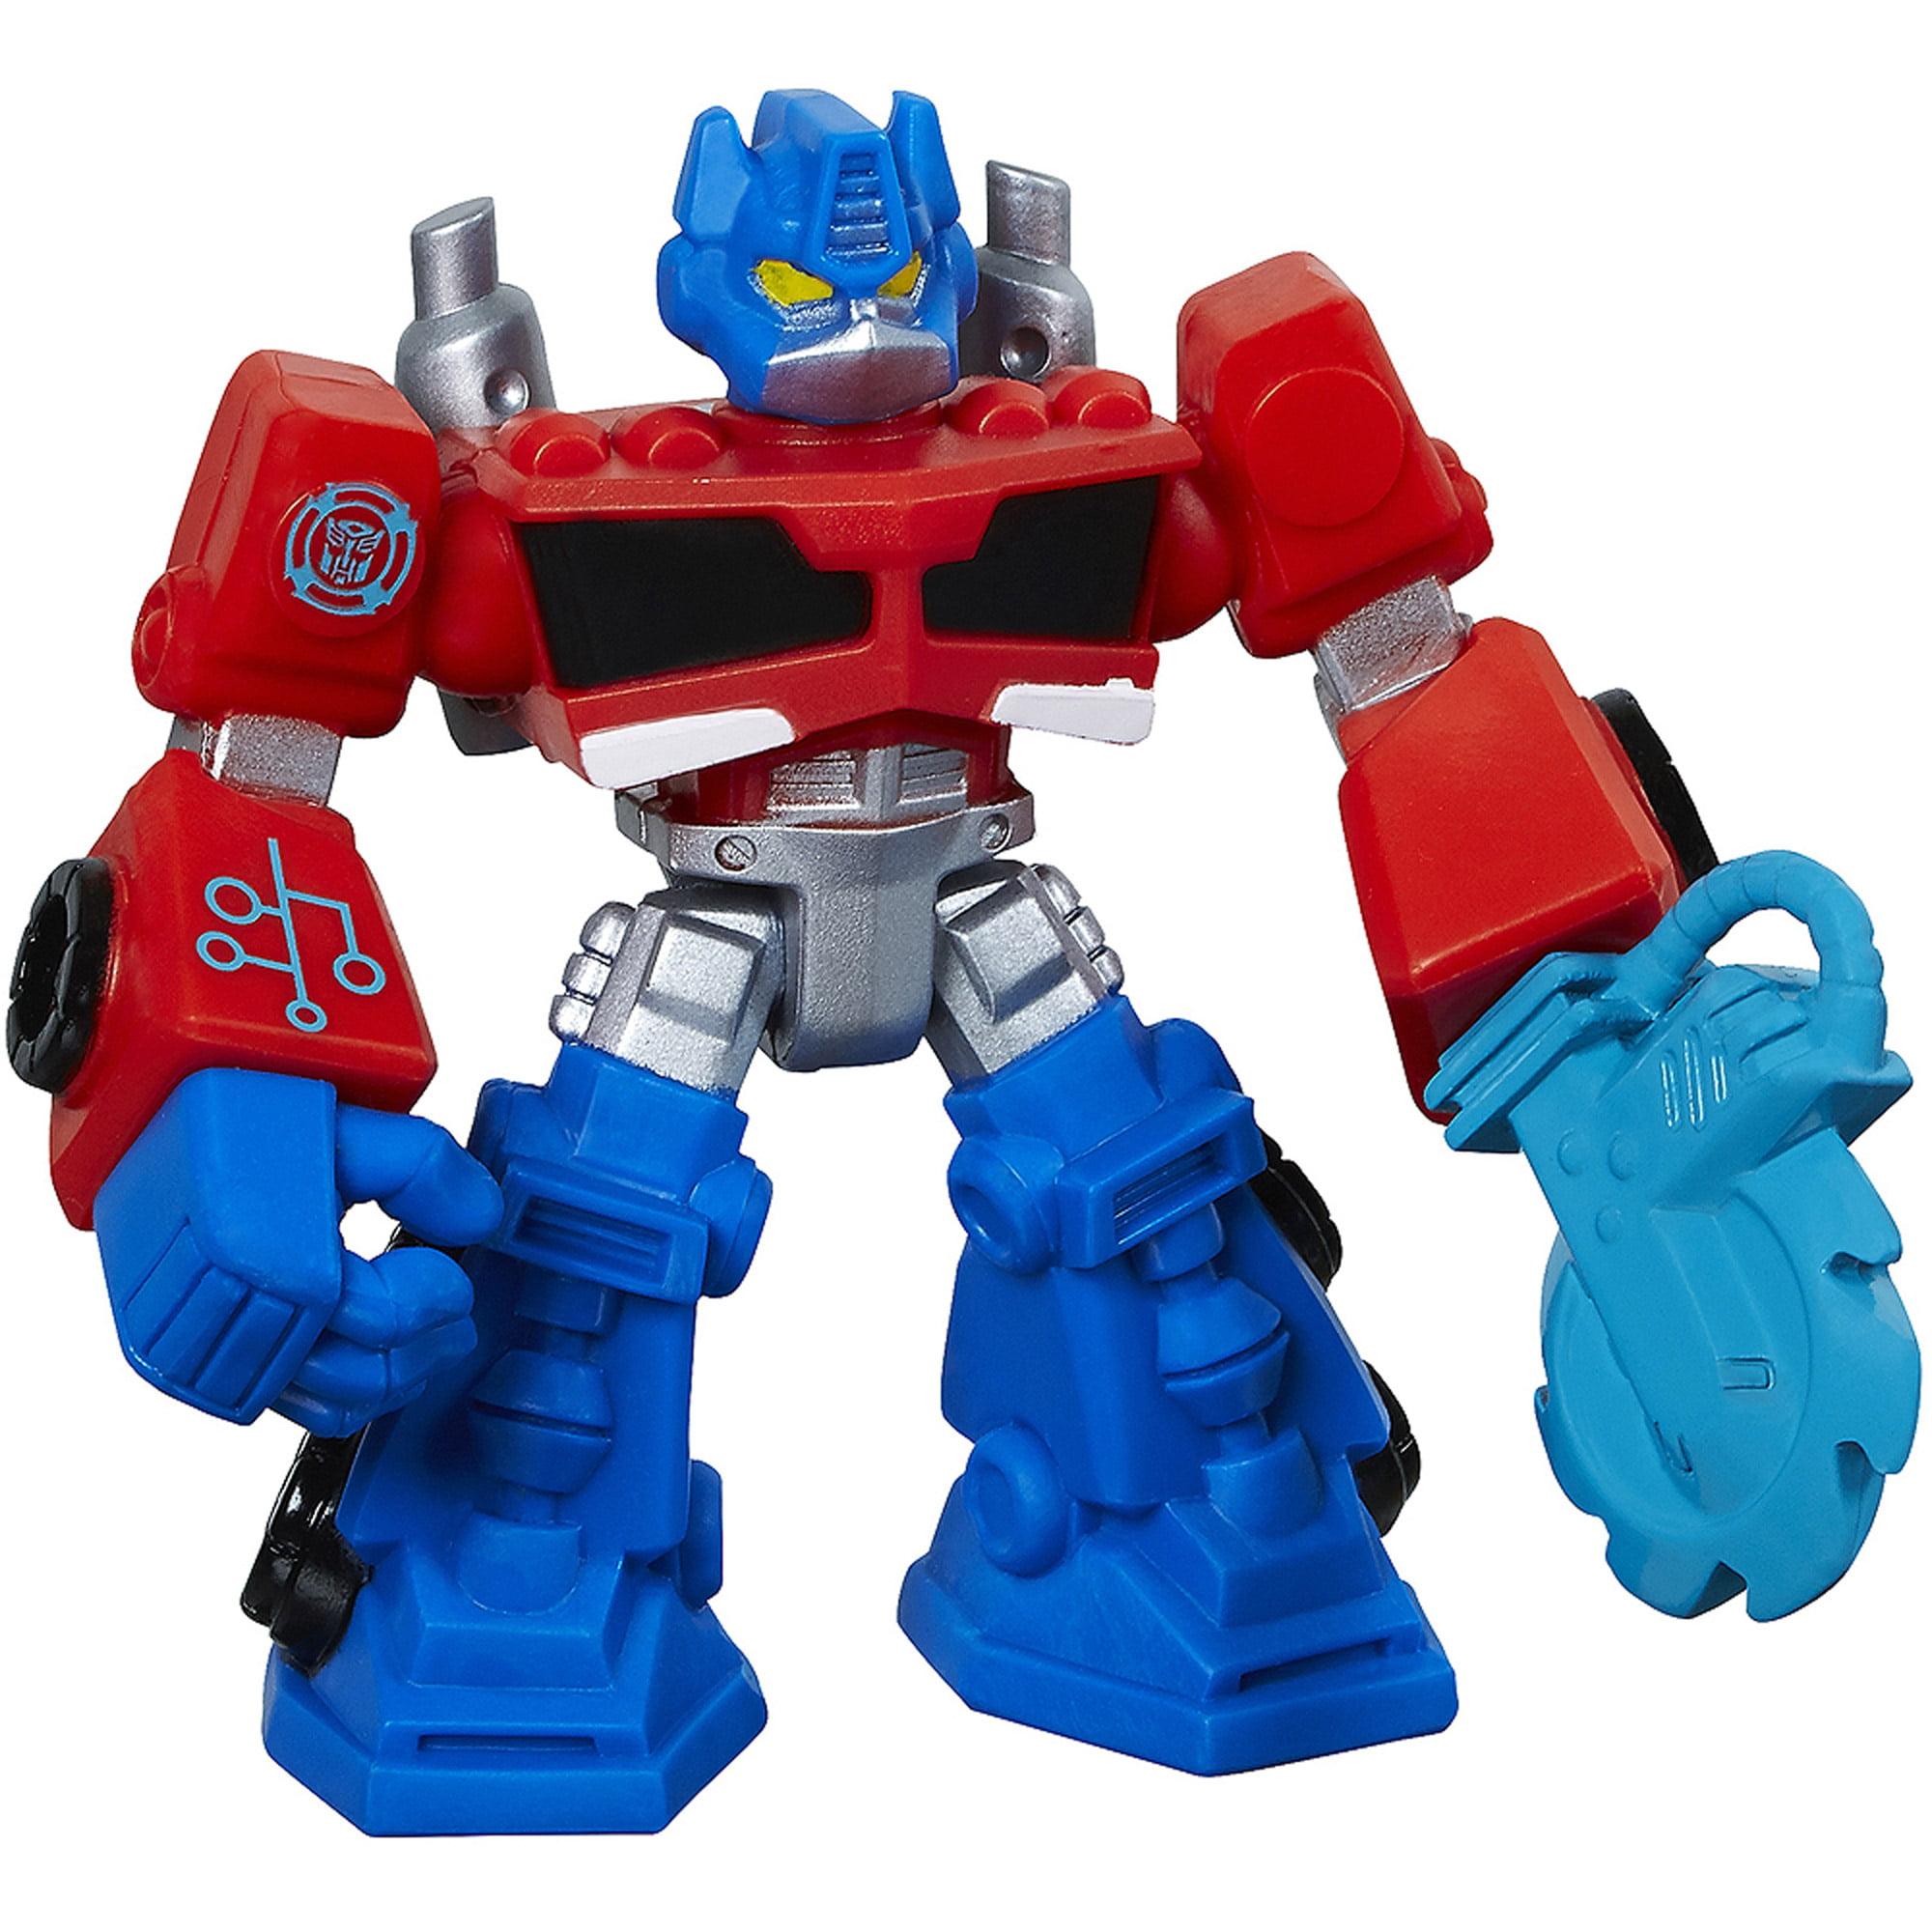 Playskool Heroes Transformers Rescue Bots Optimus Prime Figure by Hasbro